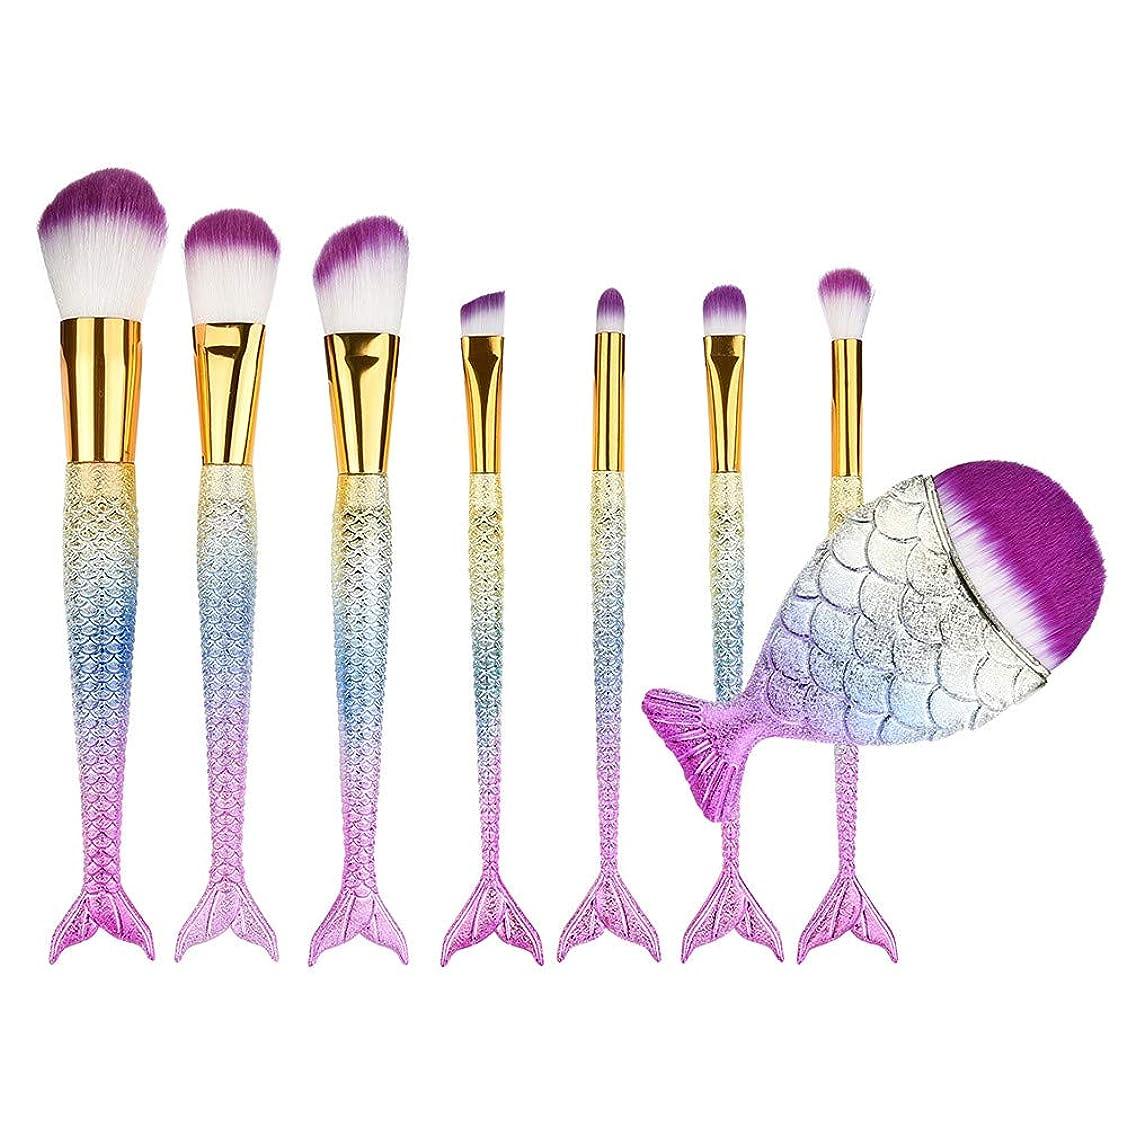 異議すきインデックスAkane 8本 人魚 紫系 高級 エレガント 魅力的 上等 綺麗 美感 多機能 おしゃれ 柔らかい 激安 たっぷり 日常 仕事 Makeup Brush メイクアップブラシ